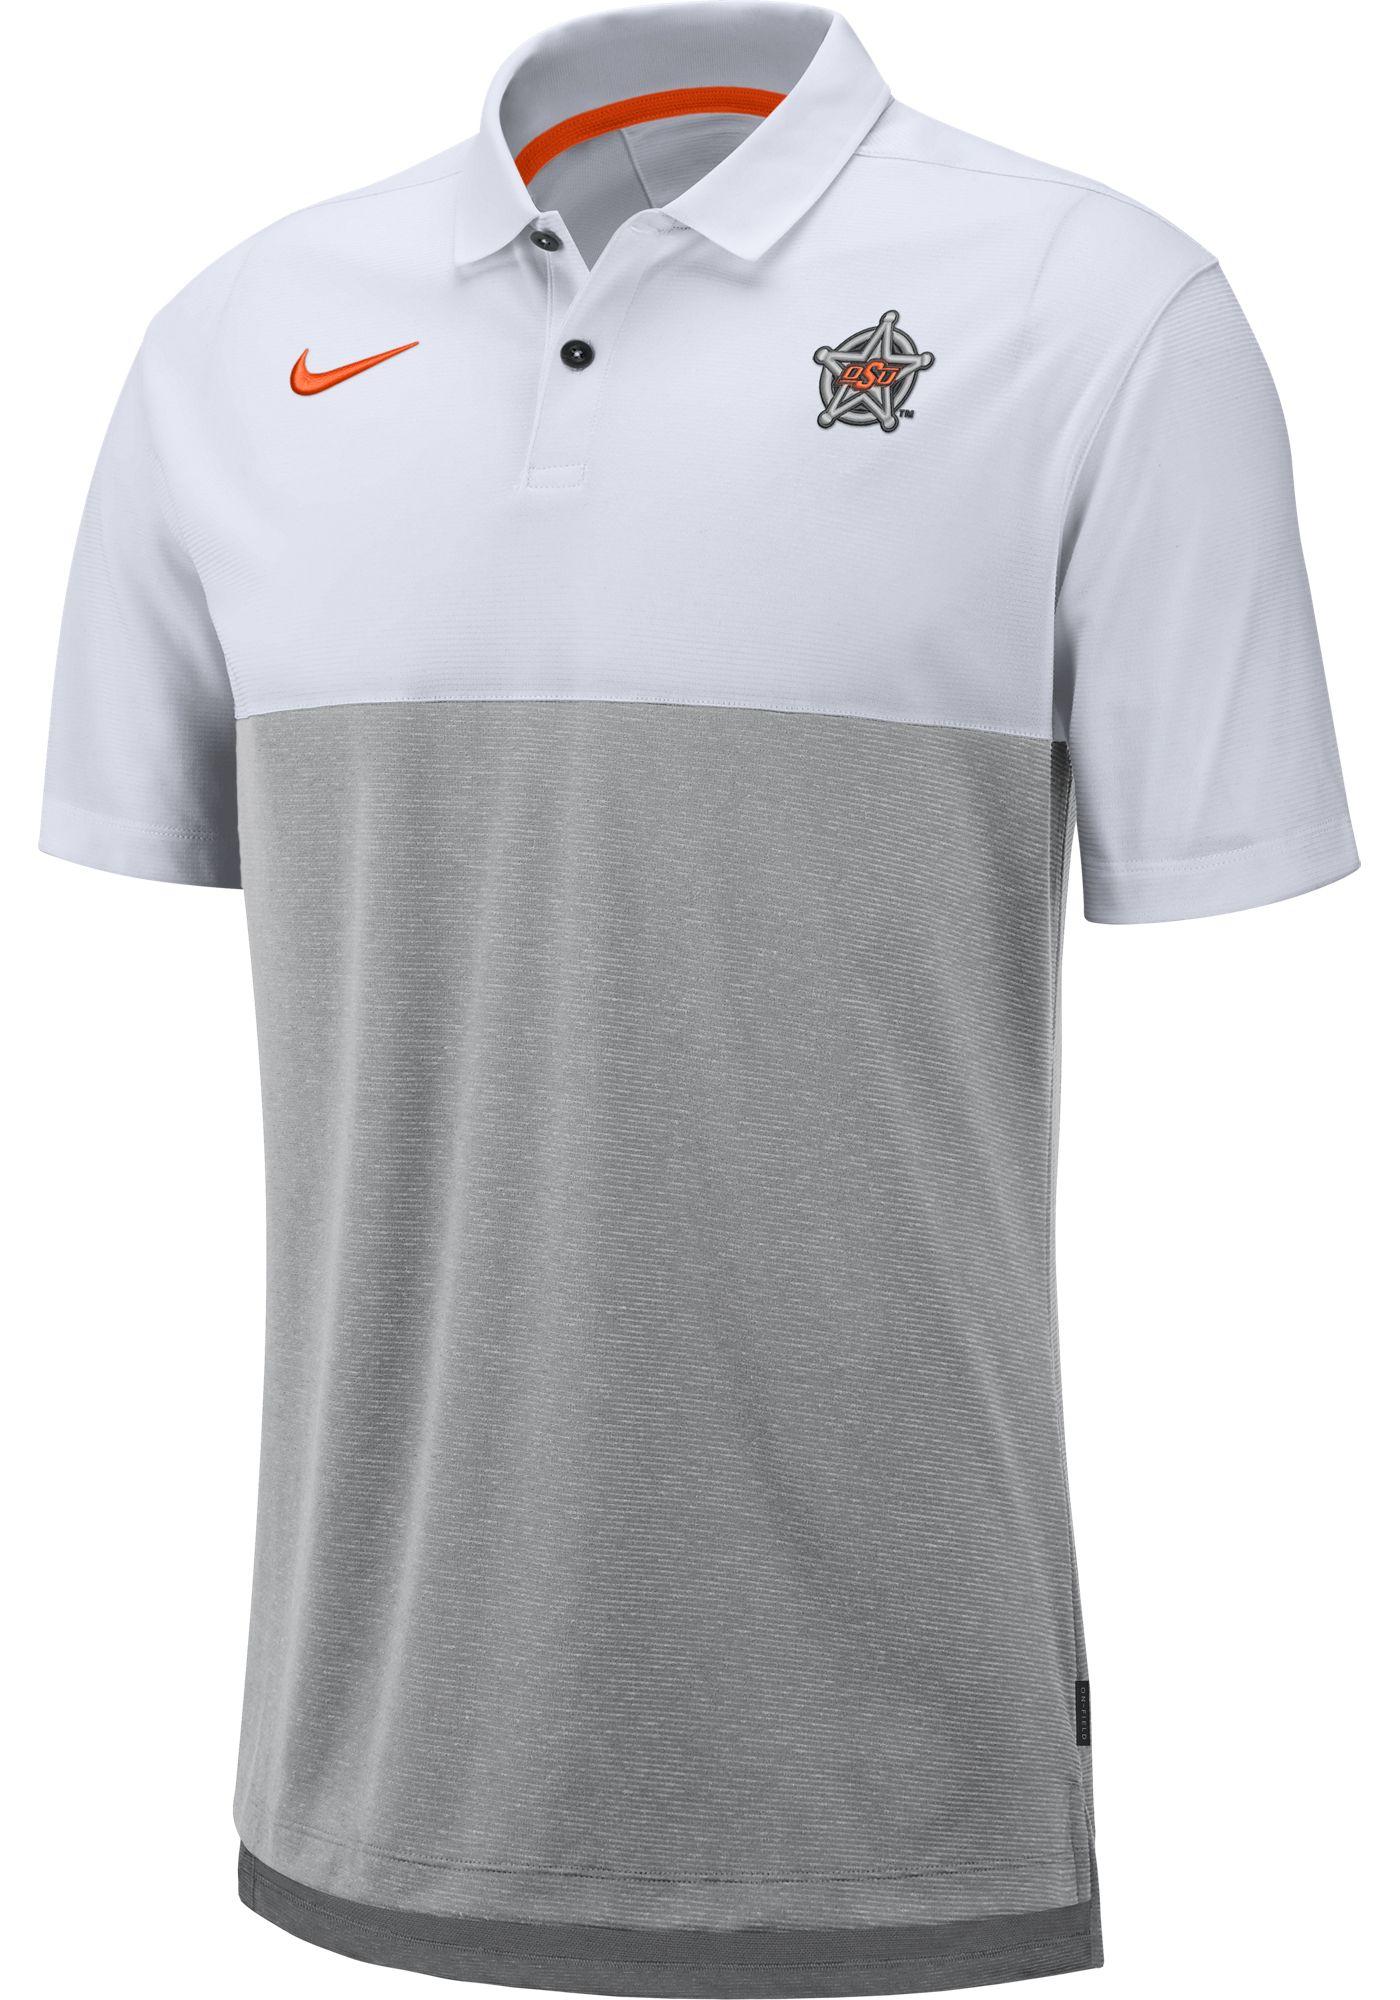 Nike Men's Oklahoma State Cowboys White/Grey Dri-FIT Breathe Football Sideline Polo